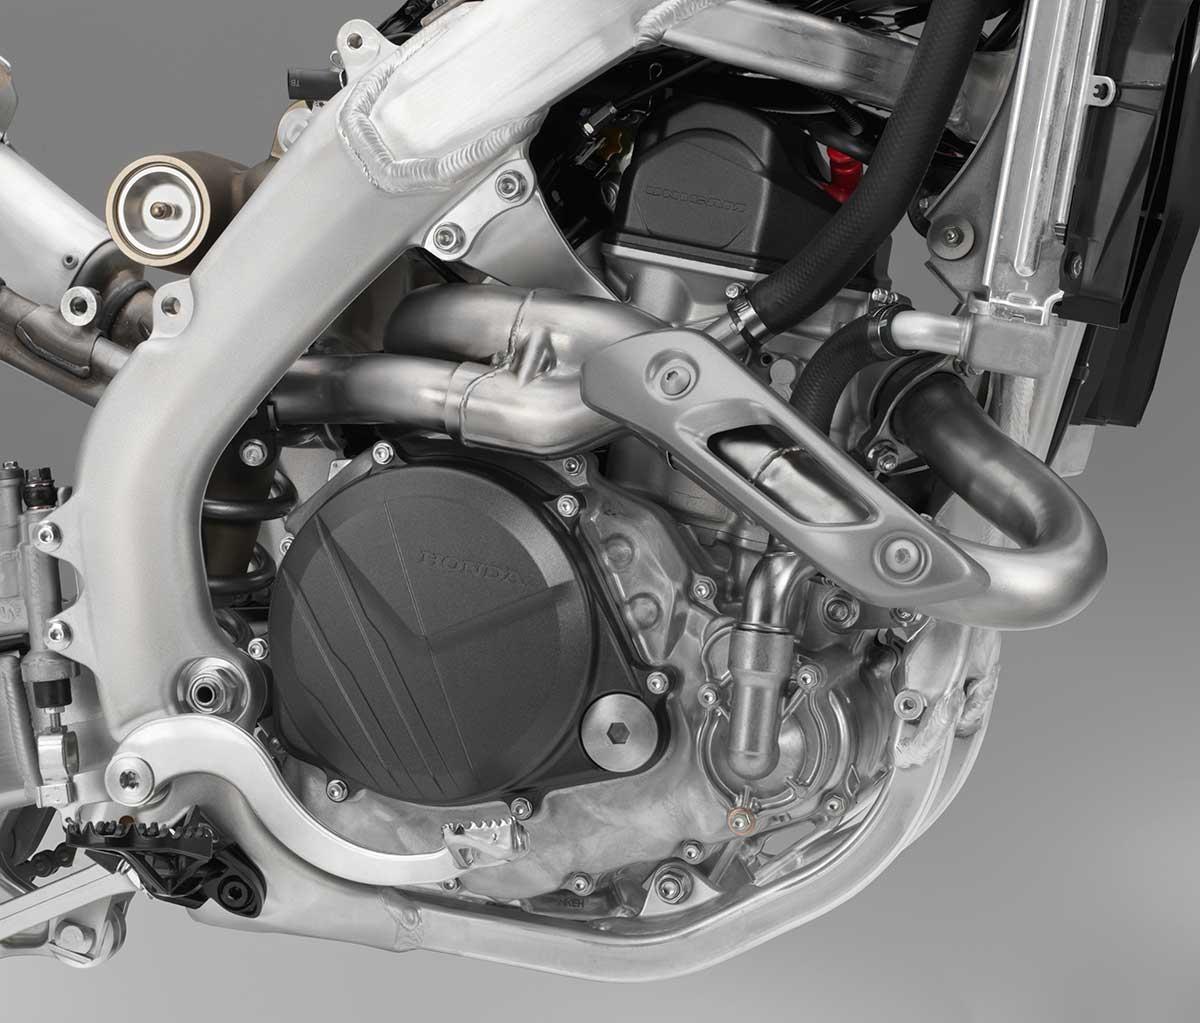 19-Honda-CRF450R_engine-R.jpg